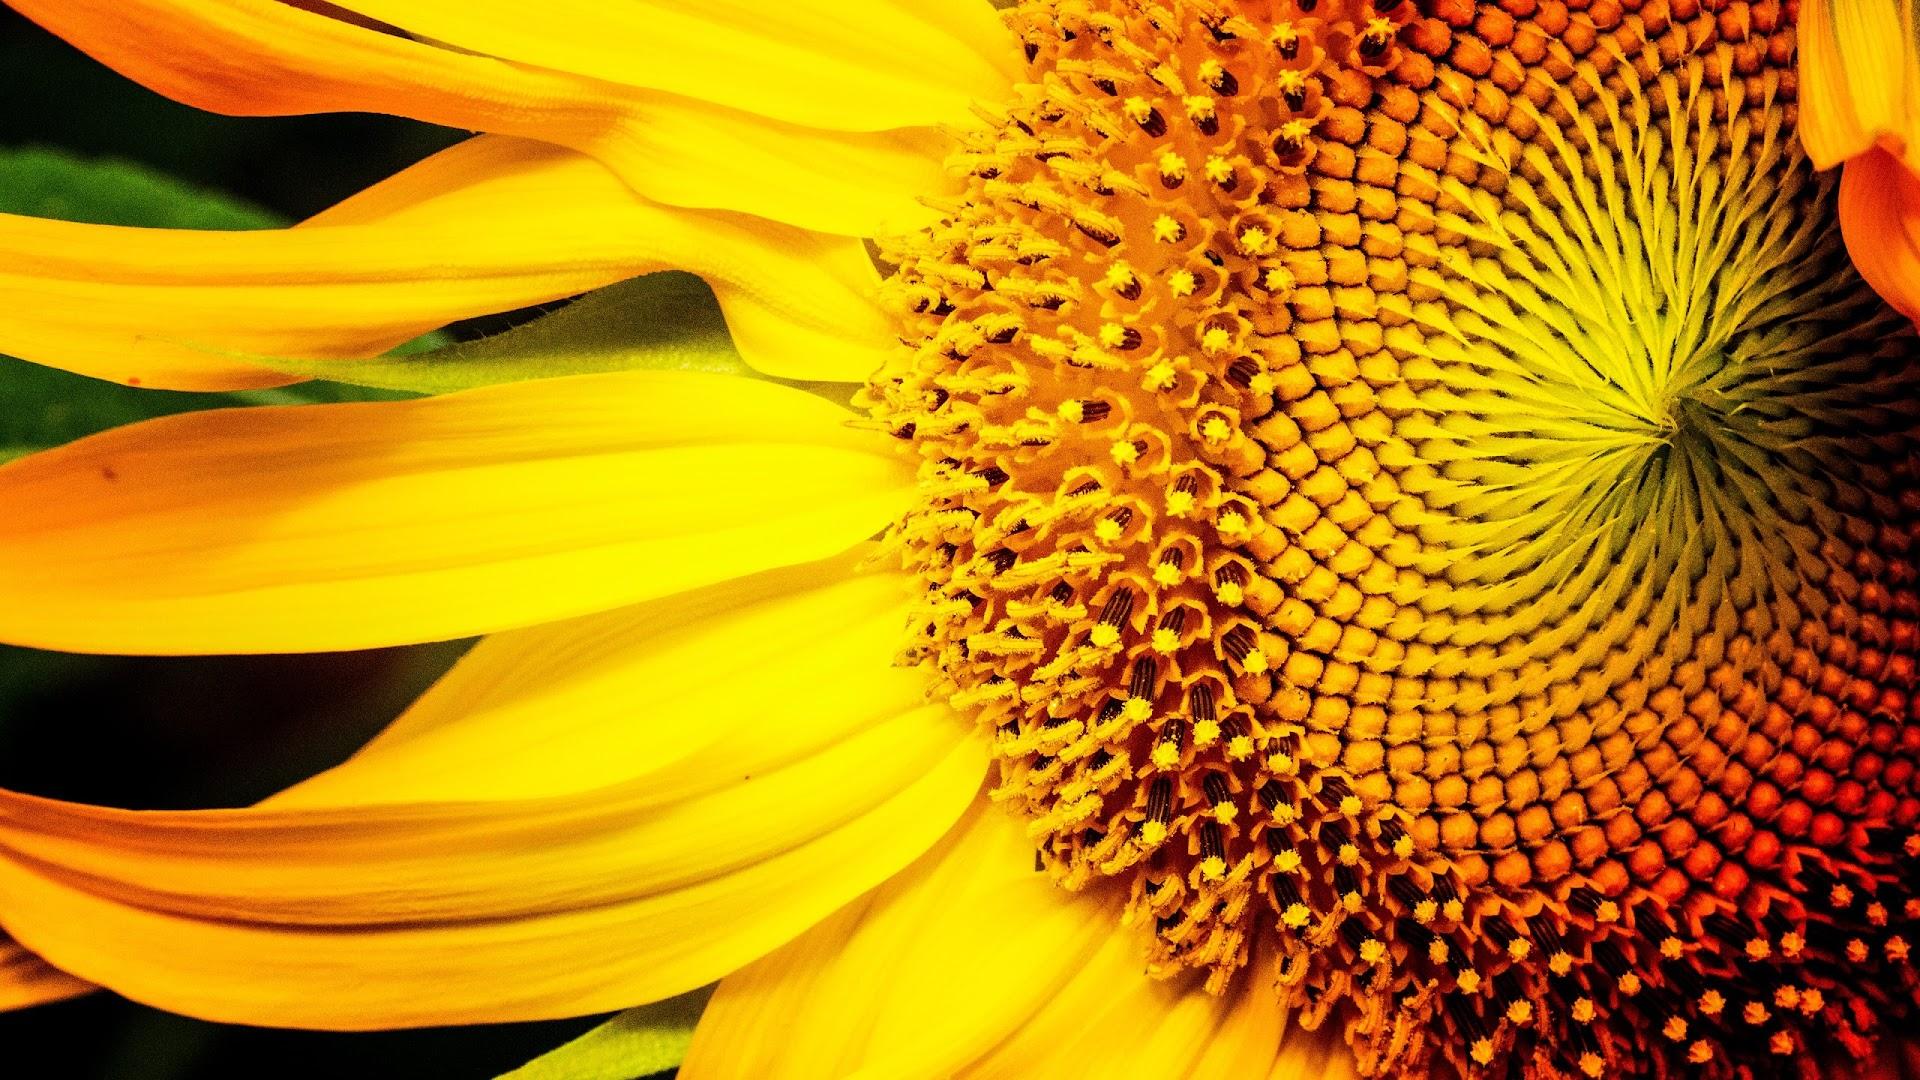 Honeybee On Sunflower Macro Video 영상 소스